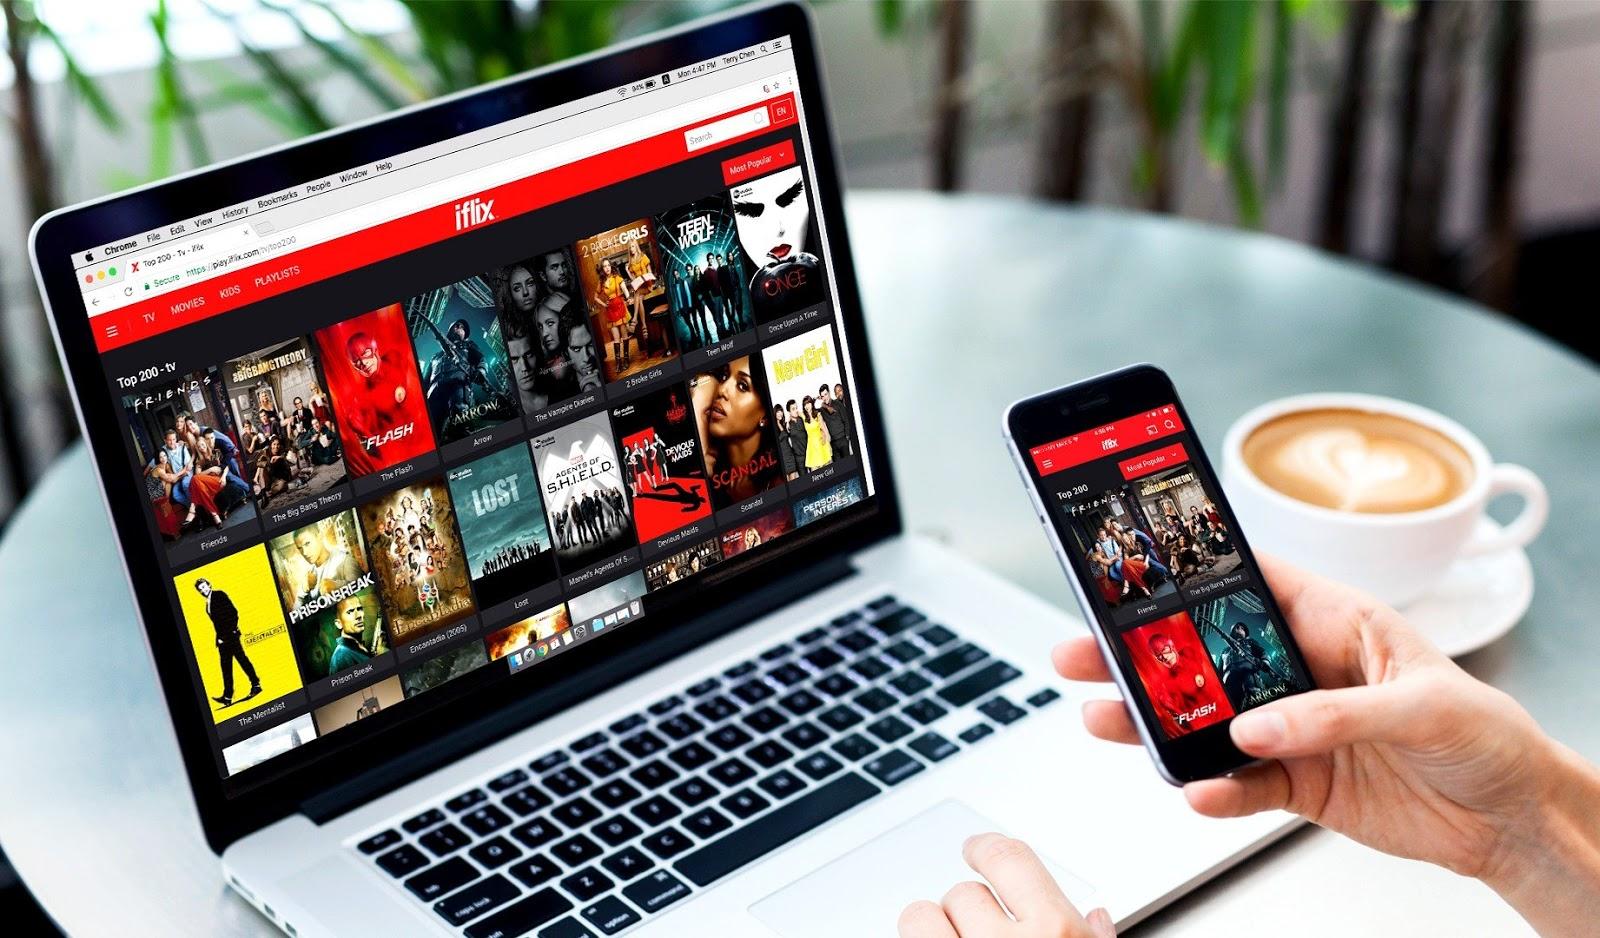 Situs Nonton Film Streaming Online Gratis Terbaik 2021